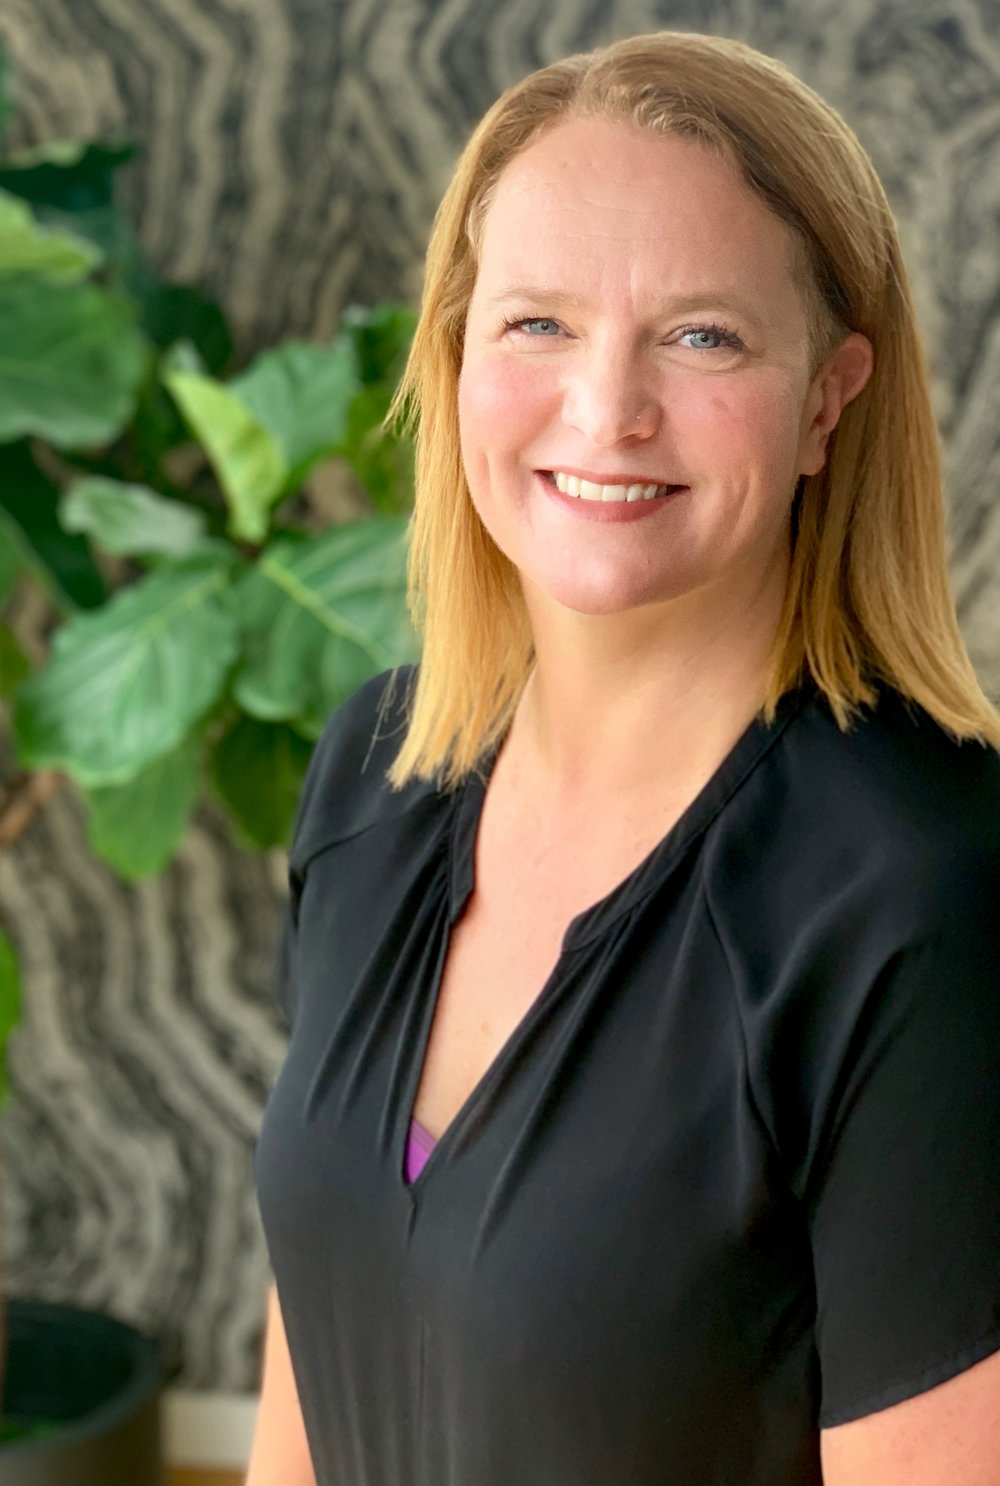 Kate Jarvis